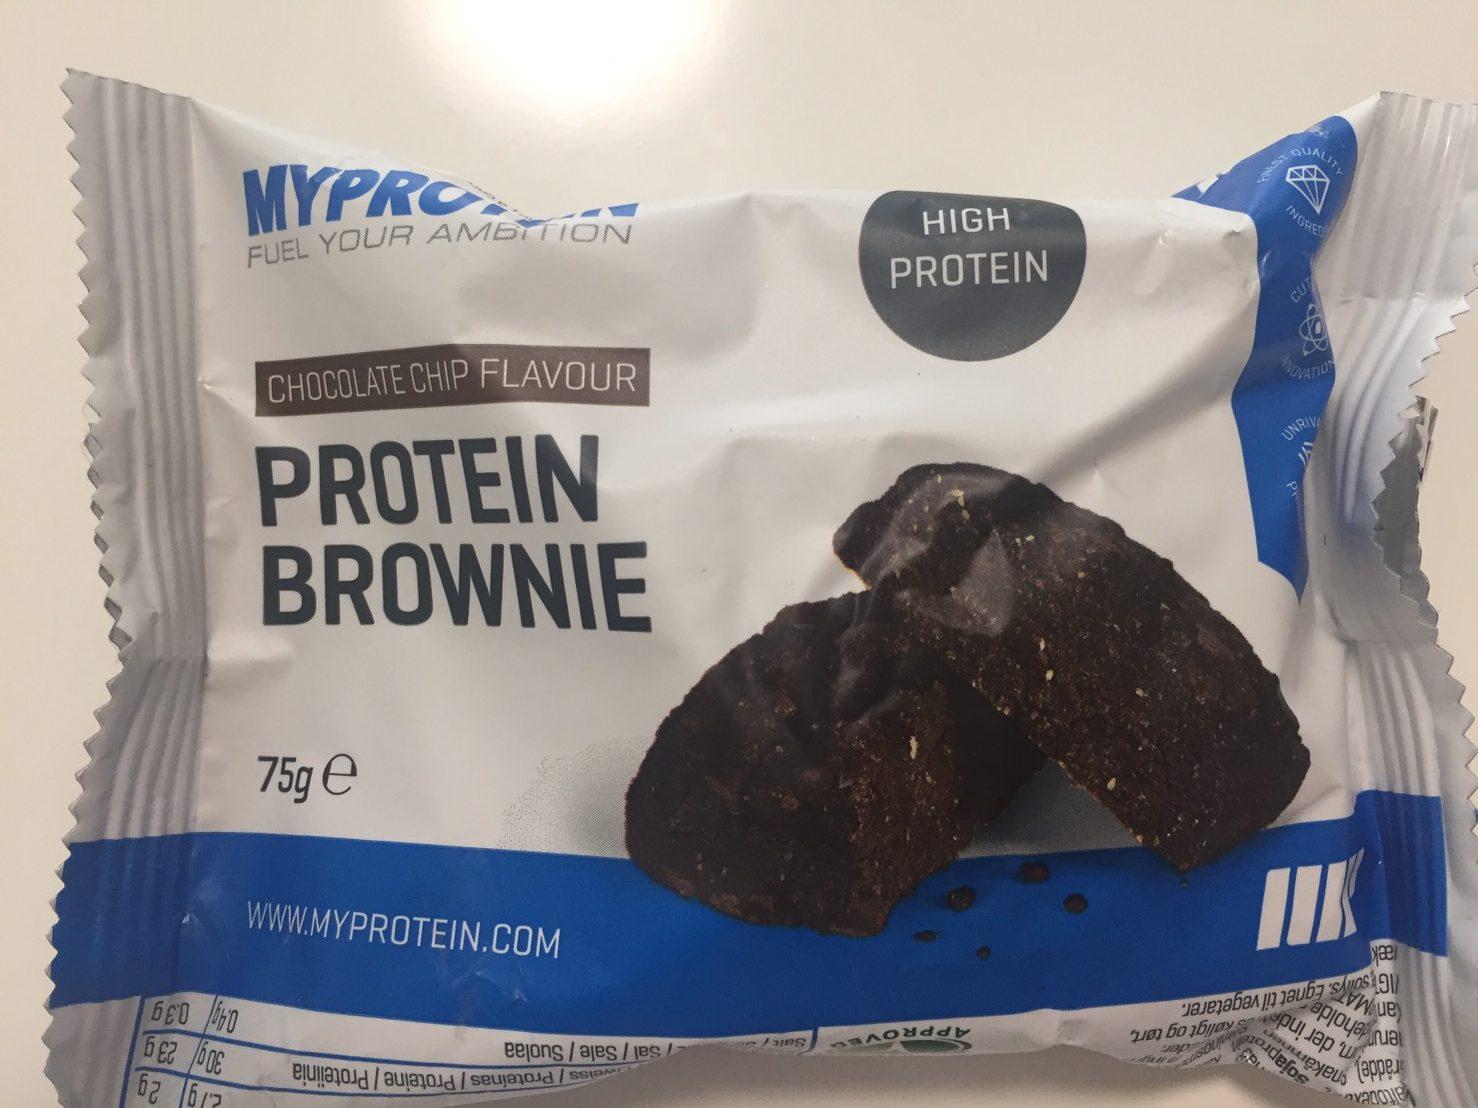 プロテイン・ブラウニー(Protein Brownie)「CHOCOLATE CHIP FLAVOUR(チョコレート味)」